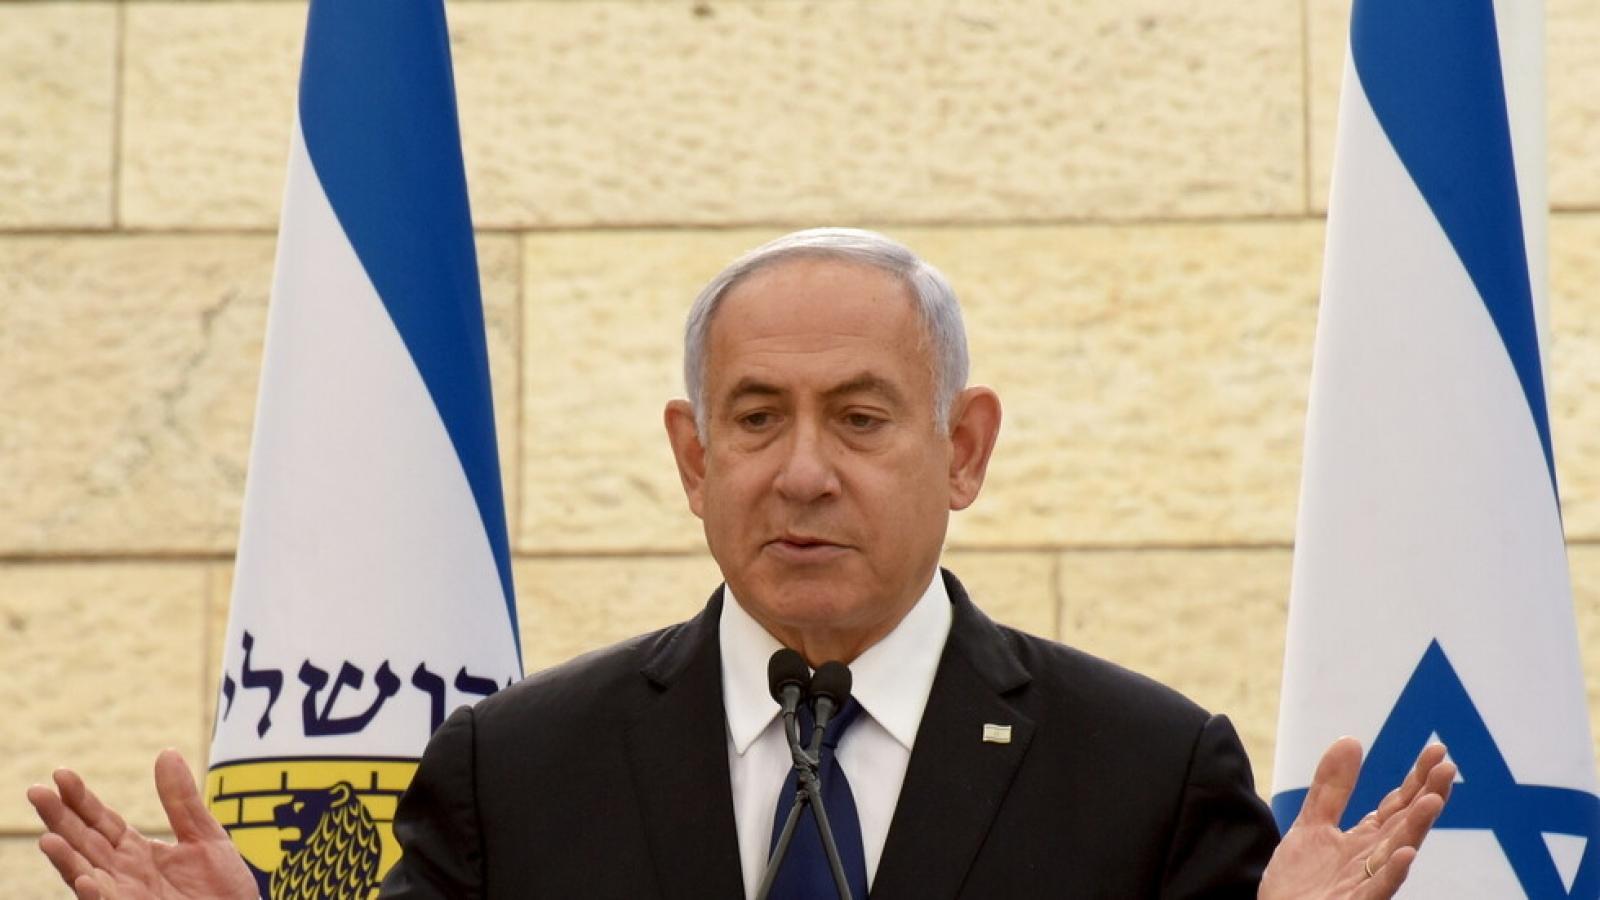 Thủ tướng Israel Netanyahu bế tắc trong thành lập chính phủ mới